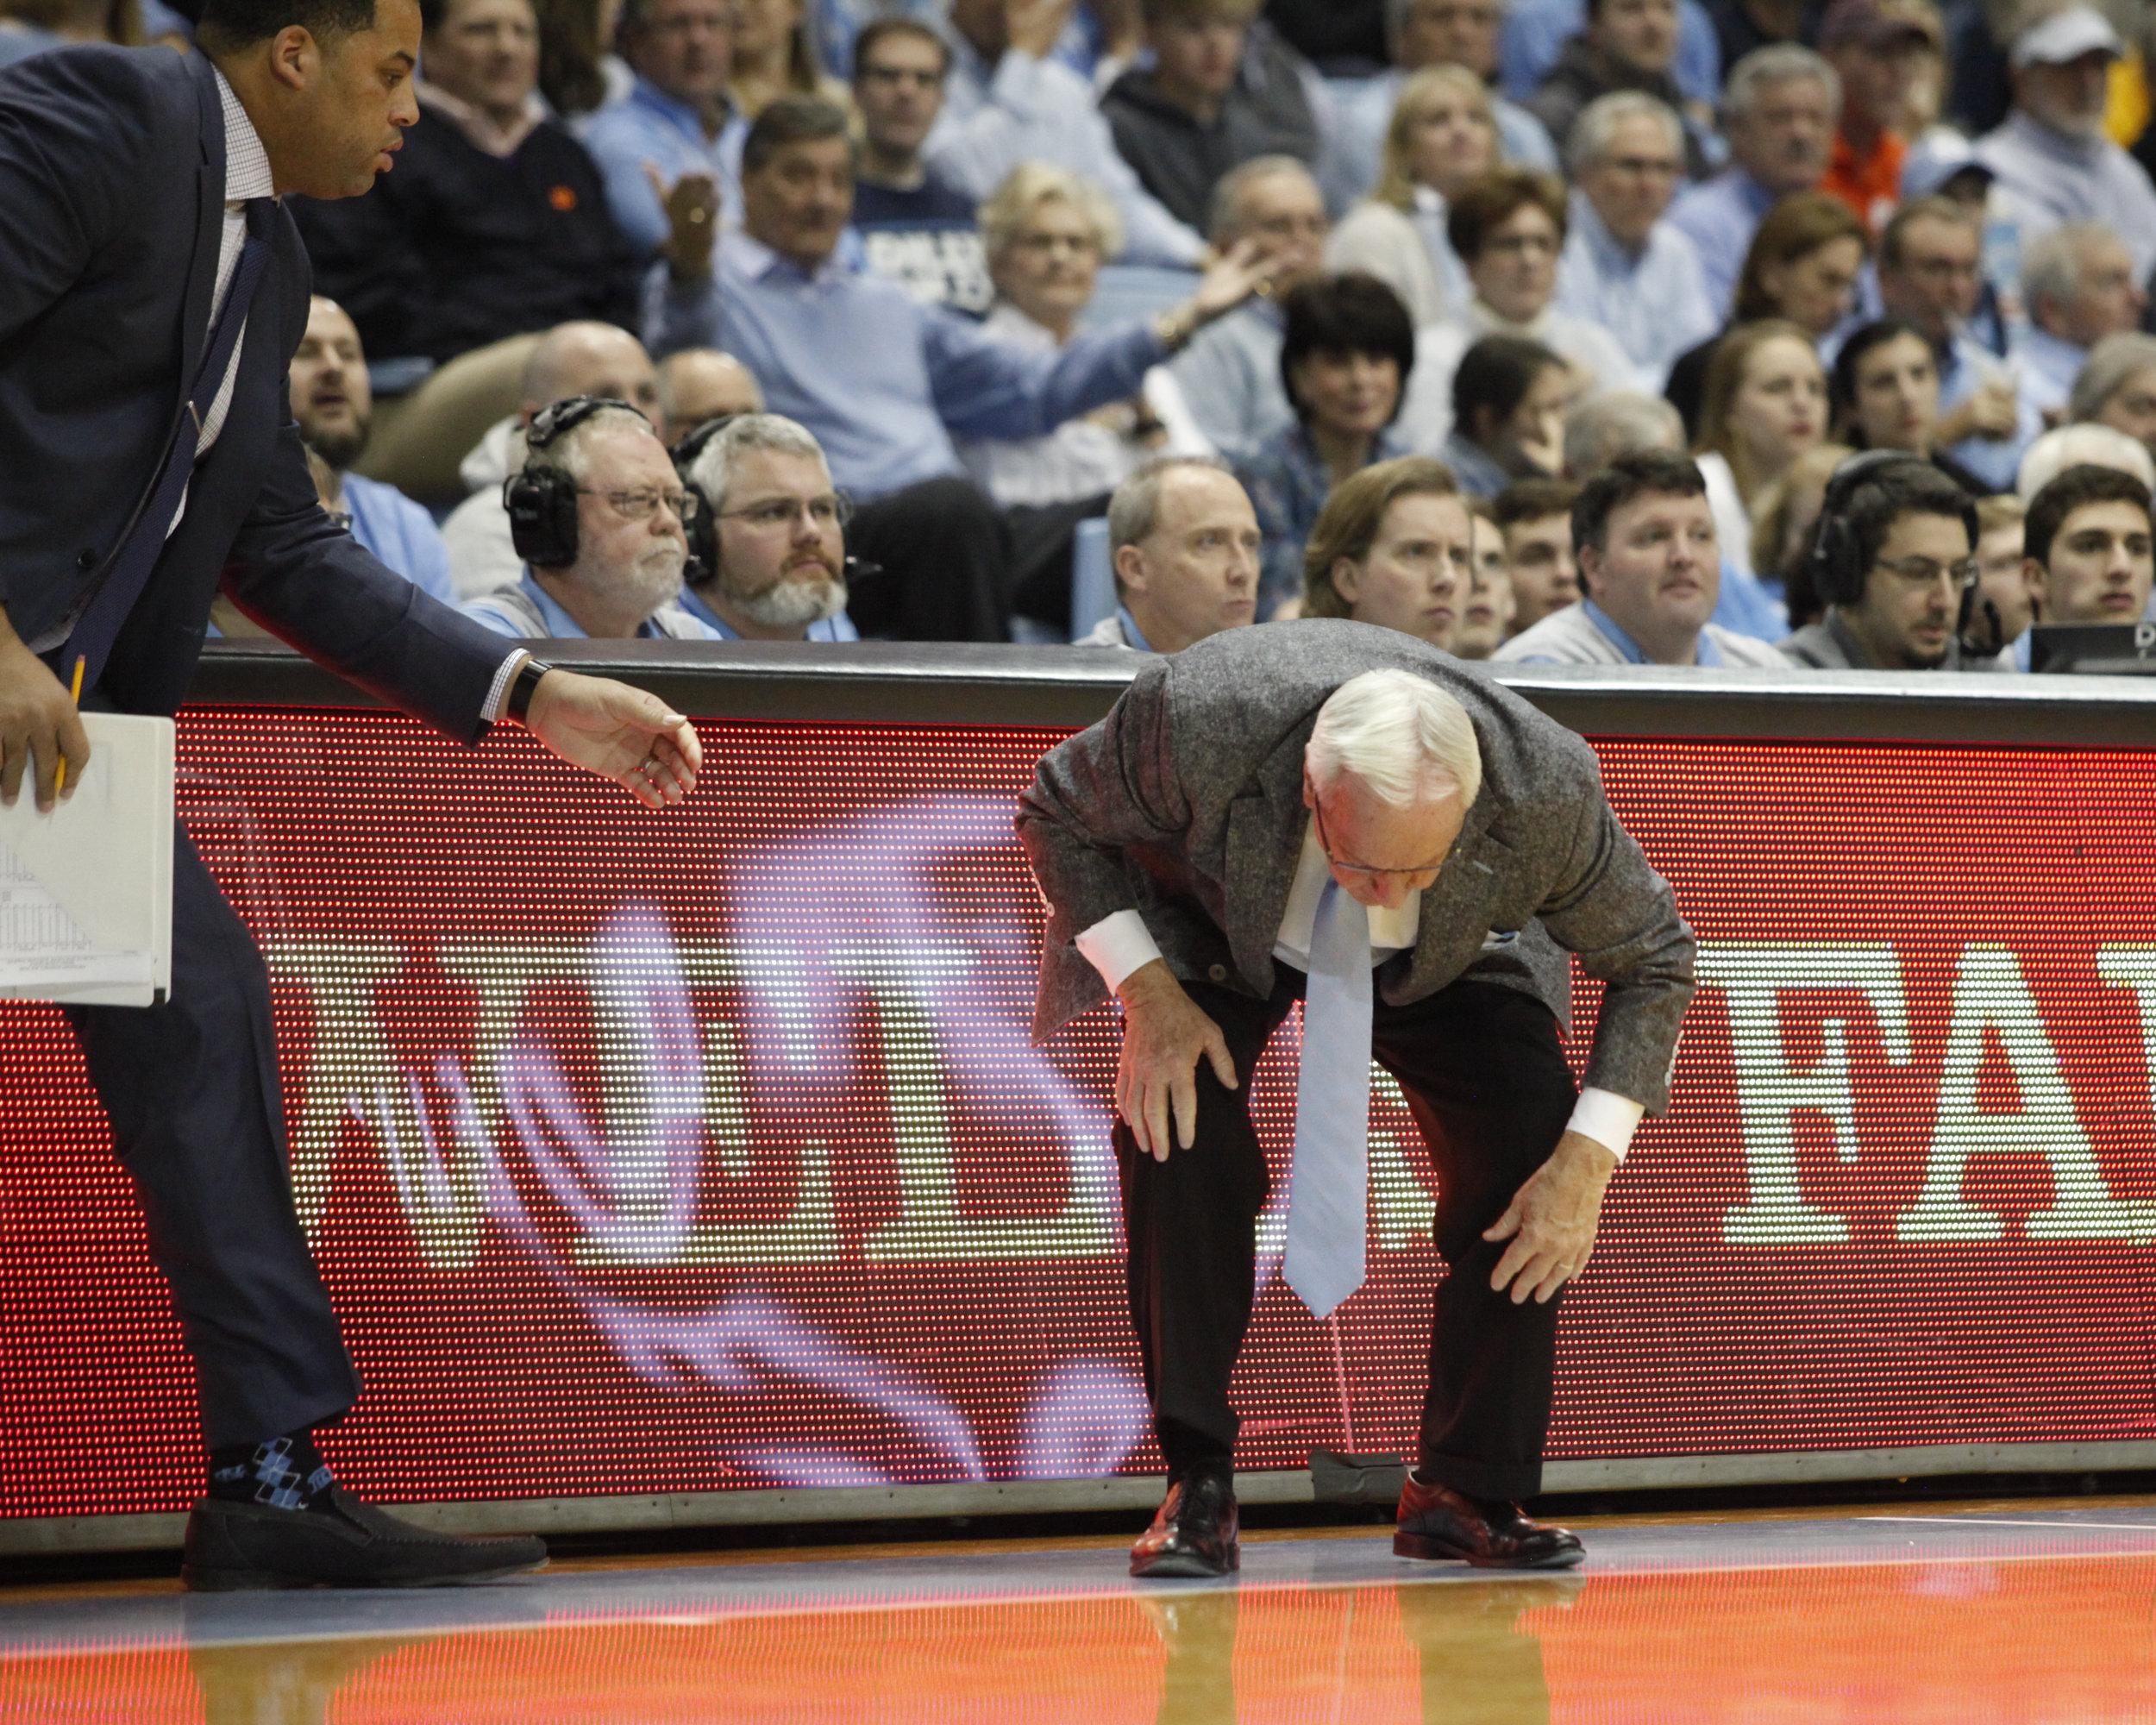 UNC head coach Roy Williams has a vertigo attack during a game at the Dean Smith Center.